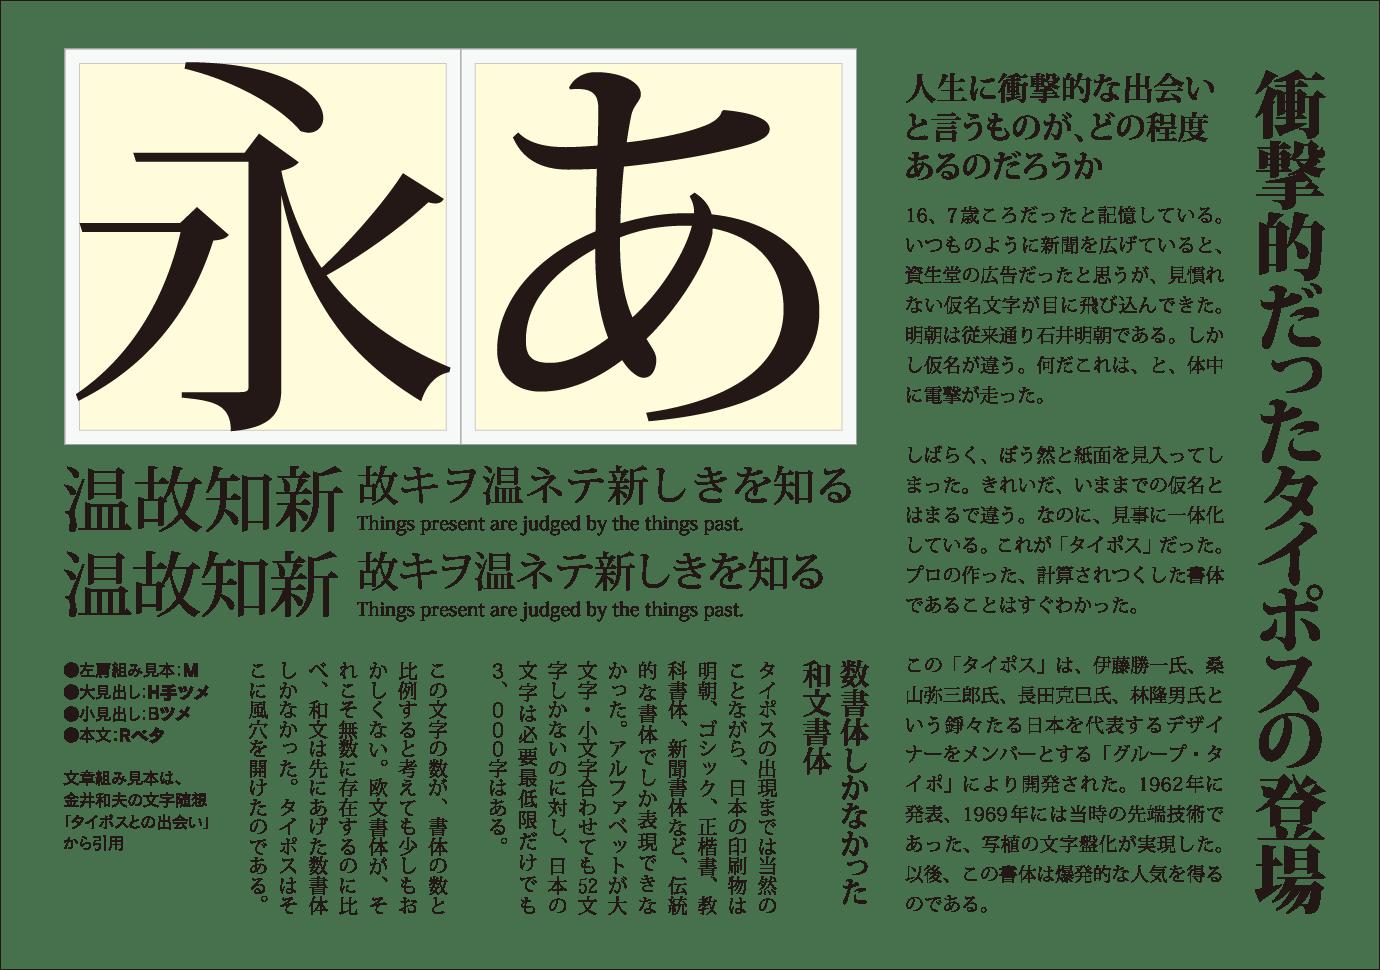 小塚明朝の組み見本